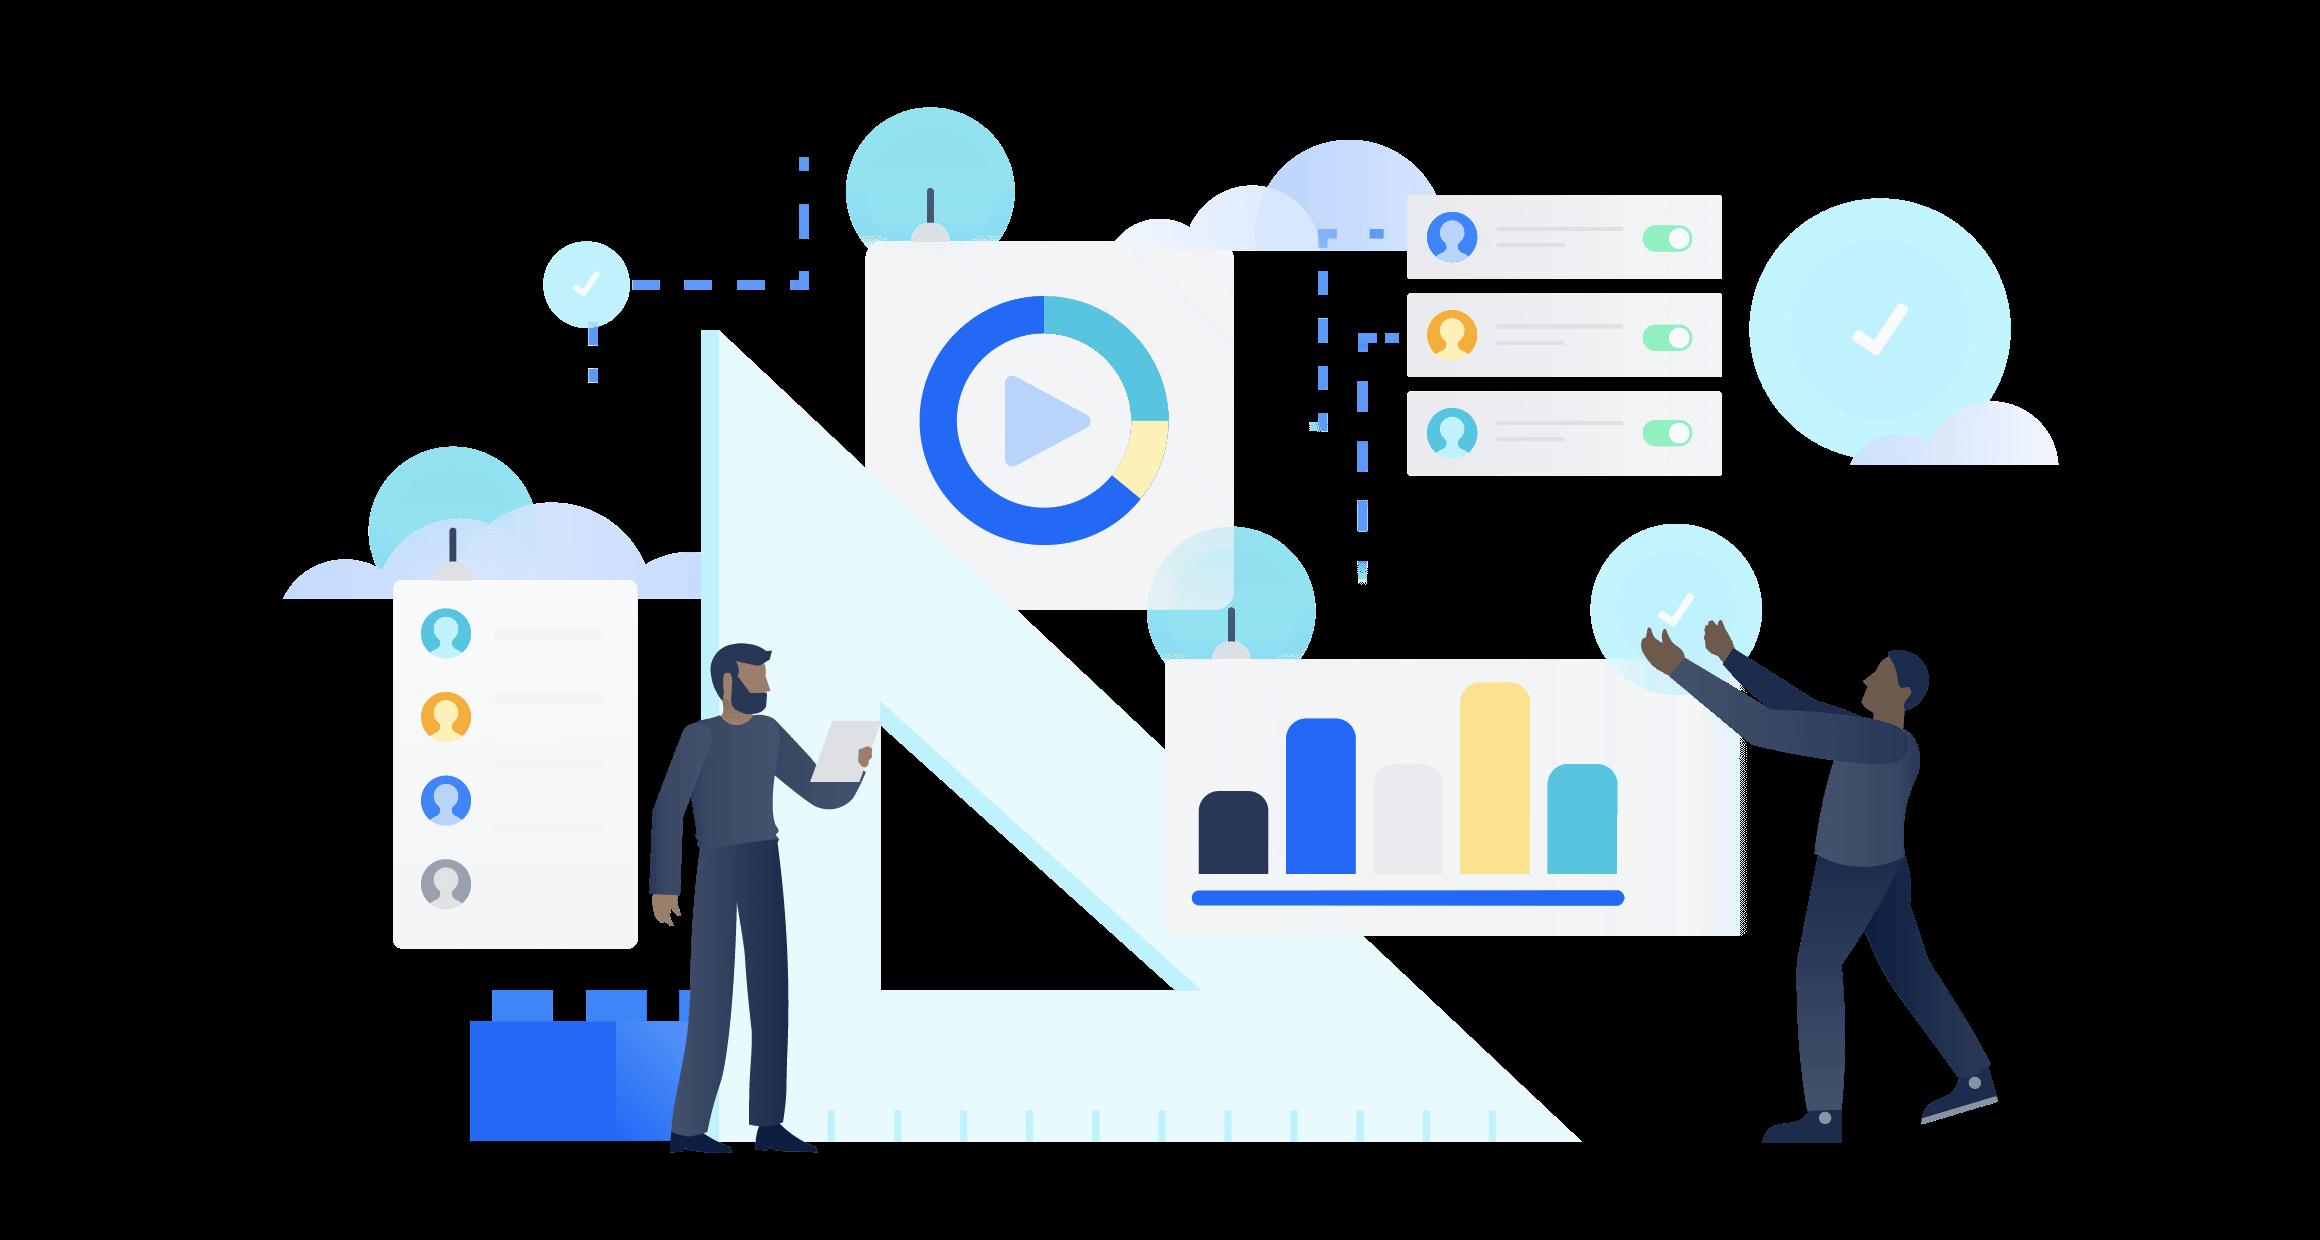 Cloud Enterprise illustration